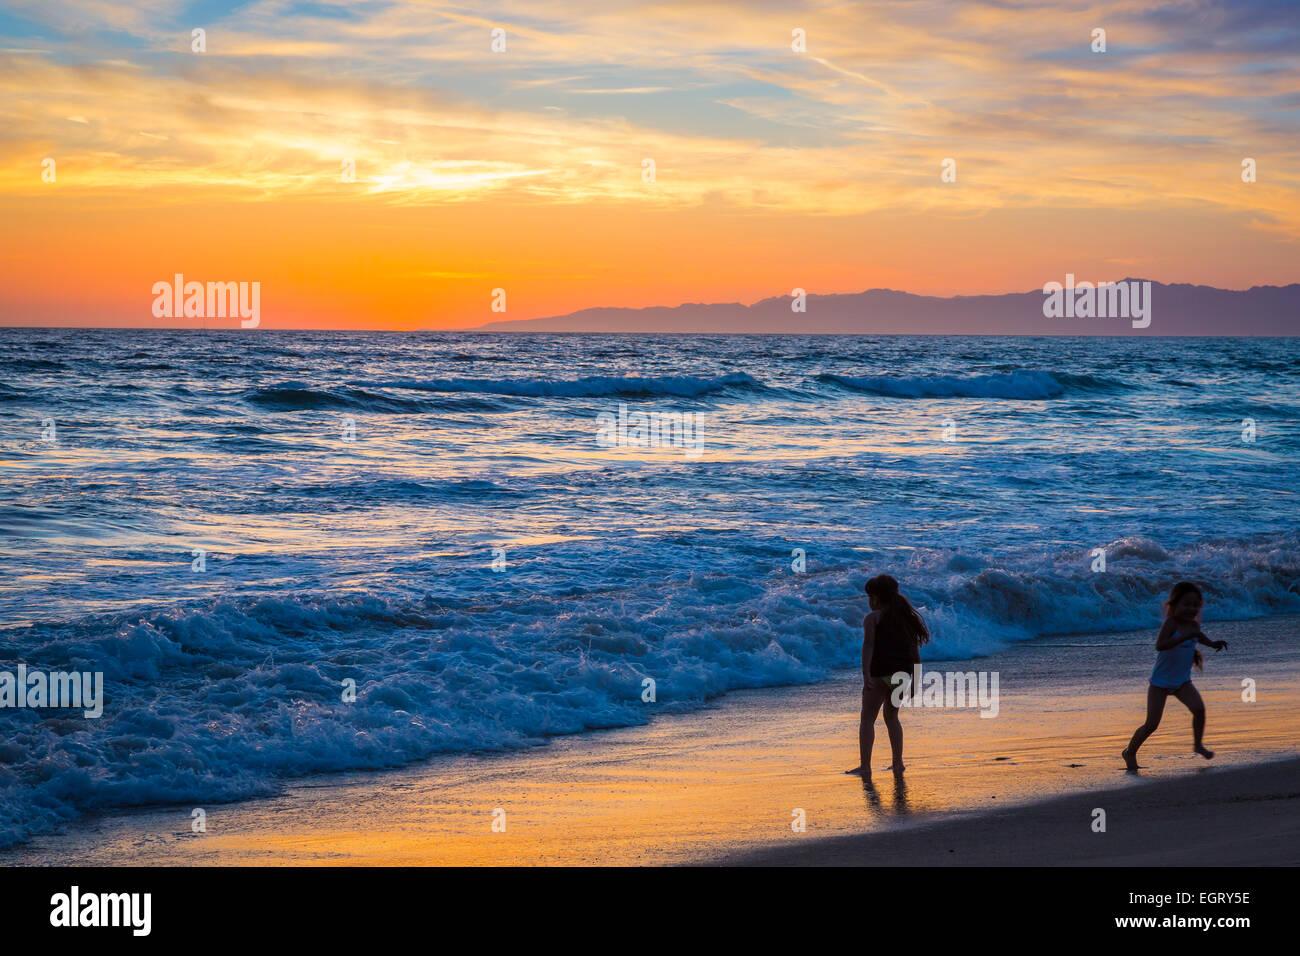 Manhattan Beach Pier ist ein Pier befindet sich in Manhattan Beach, Kalifornien, an der Küste des Pazifischen Stockbild